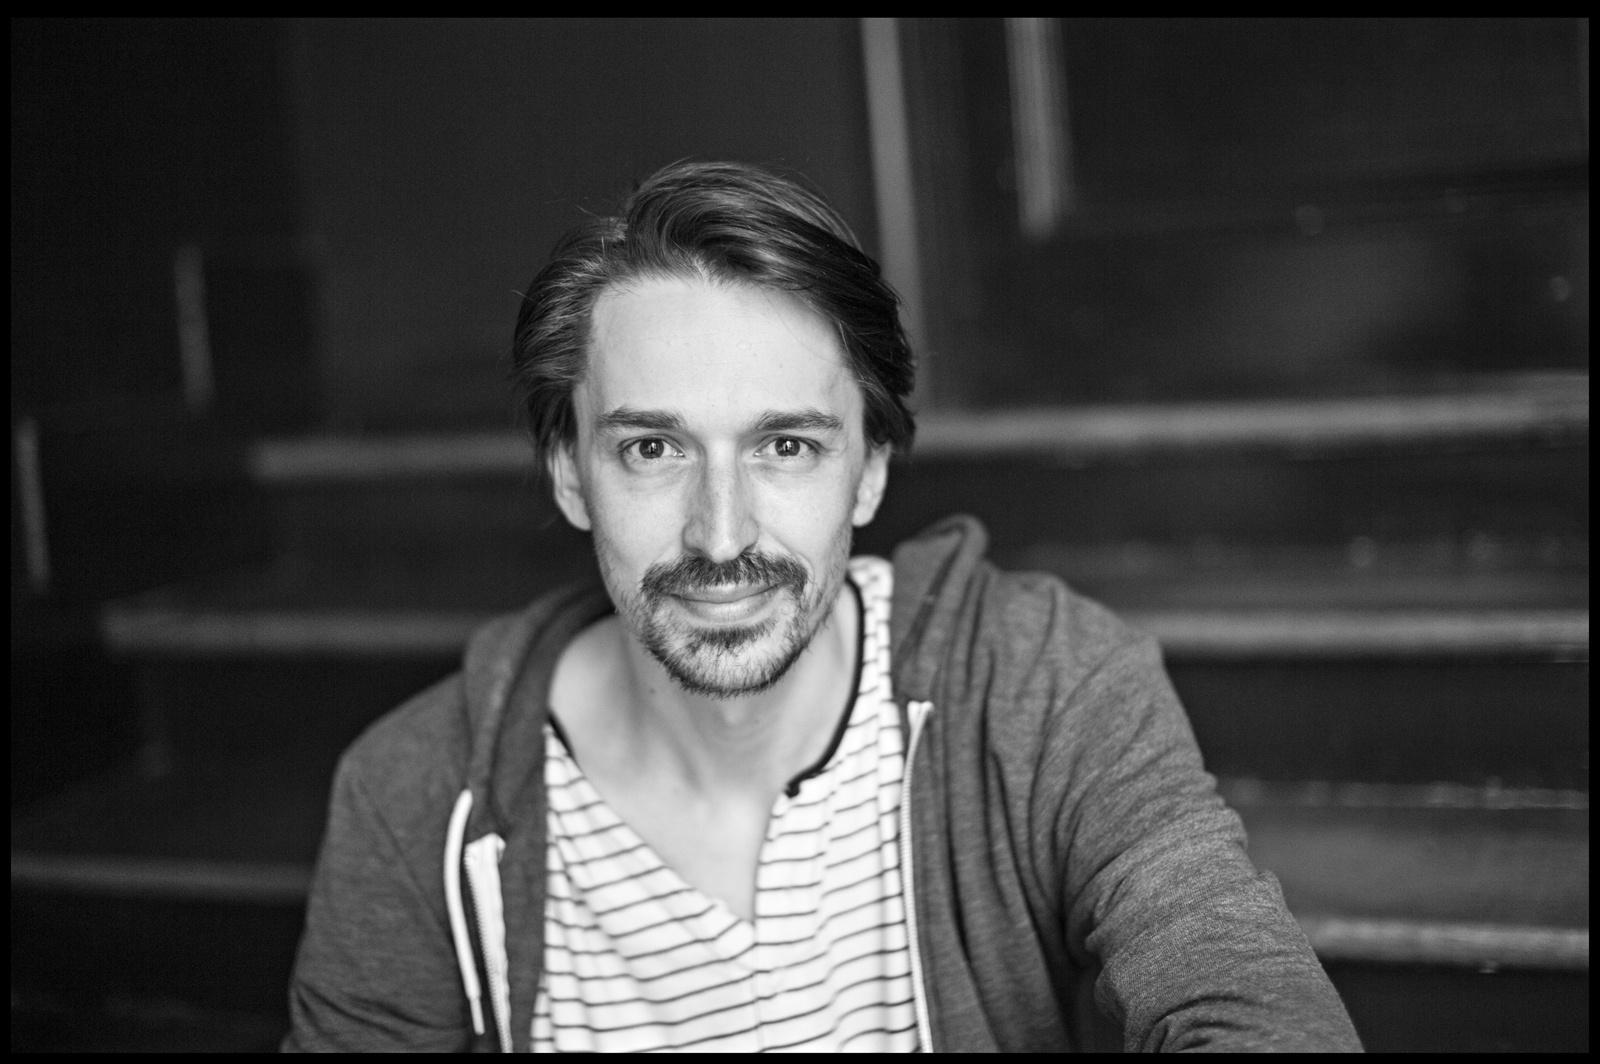 der Autor, ein schlanker, ca. 30-jähriger weißer Mann mnit leichtem Bart in Streifen-T-Shirt und Kapuzenpulli, auf Treppenstufen, blickt freundlich in die Kamera